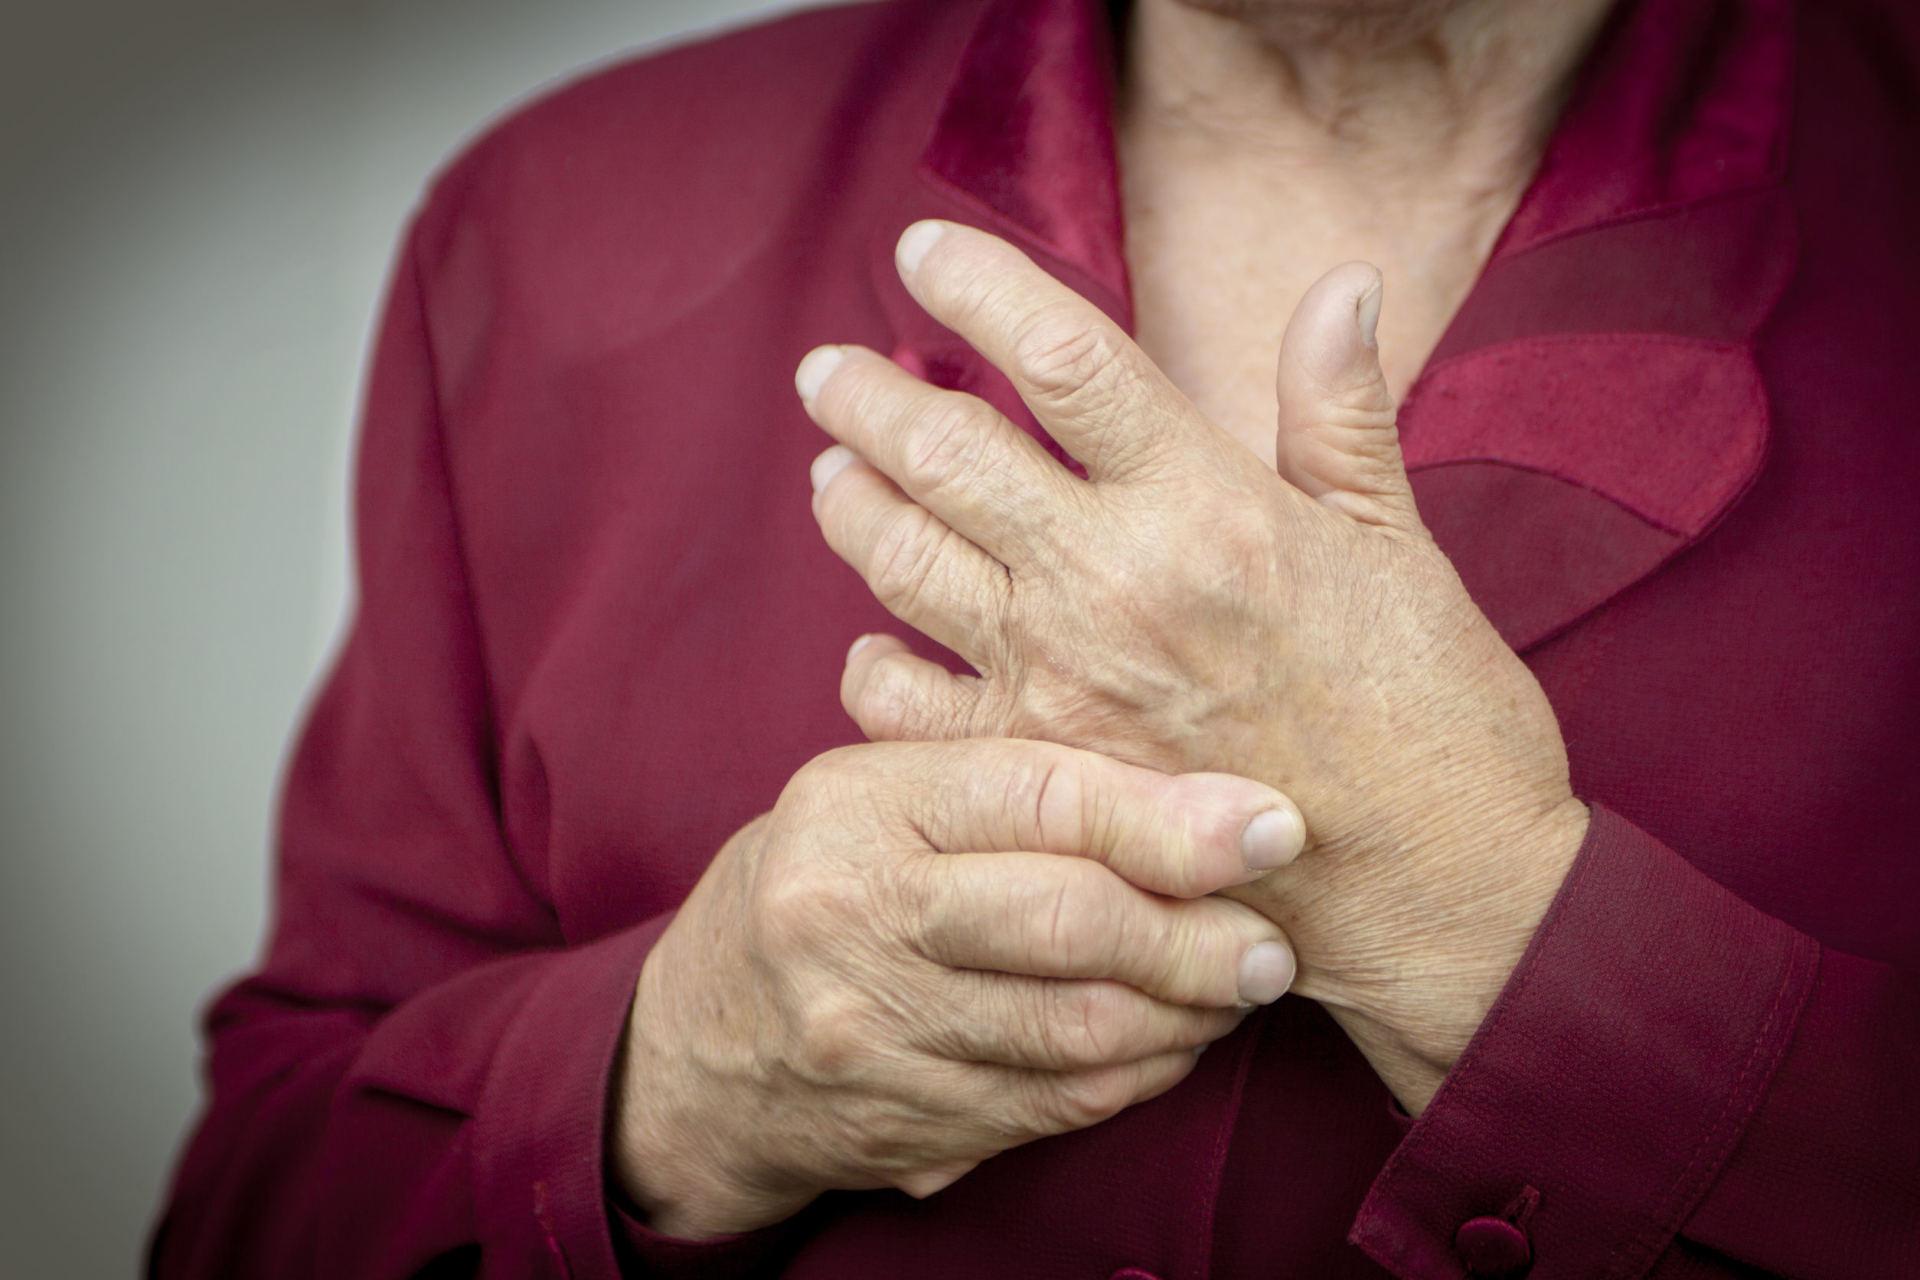 liaudies gynimo priemonės nuo artrito sąnarių